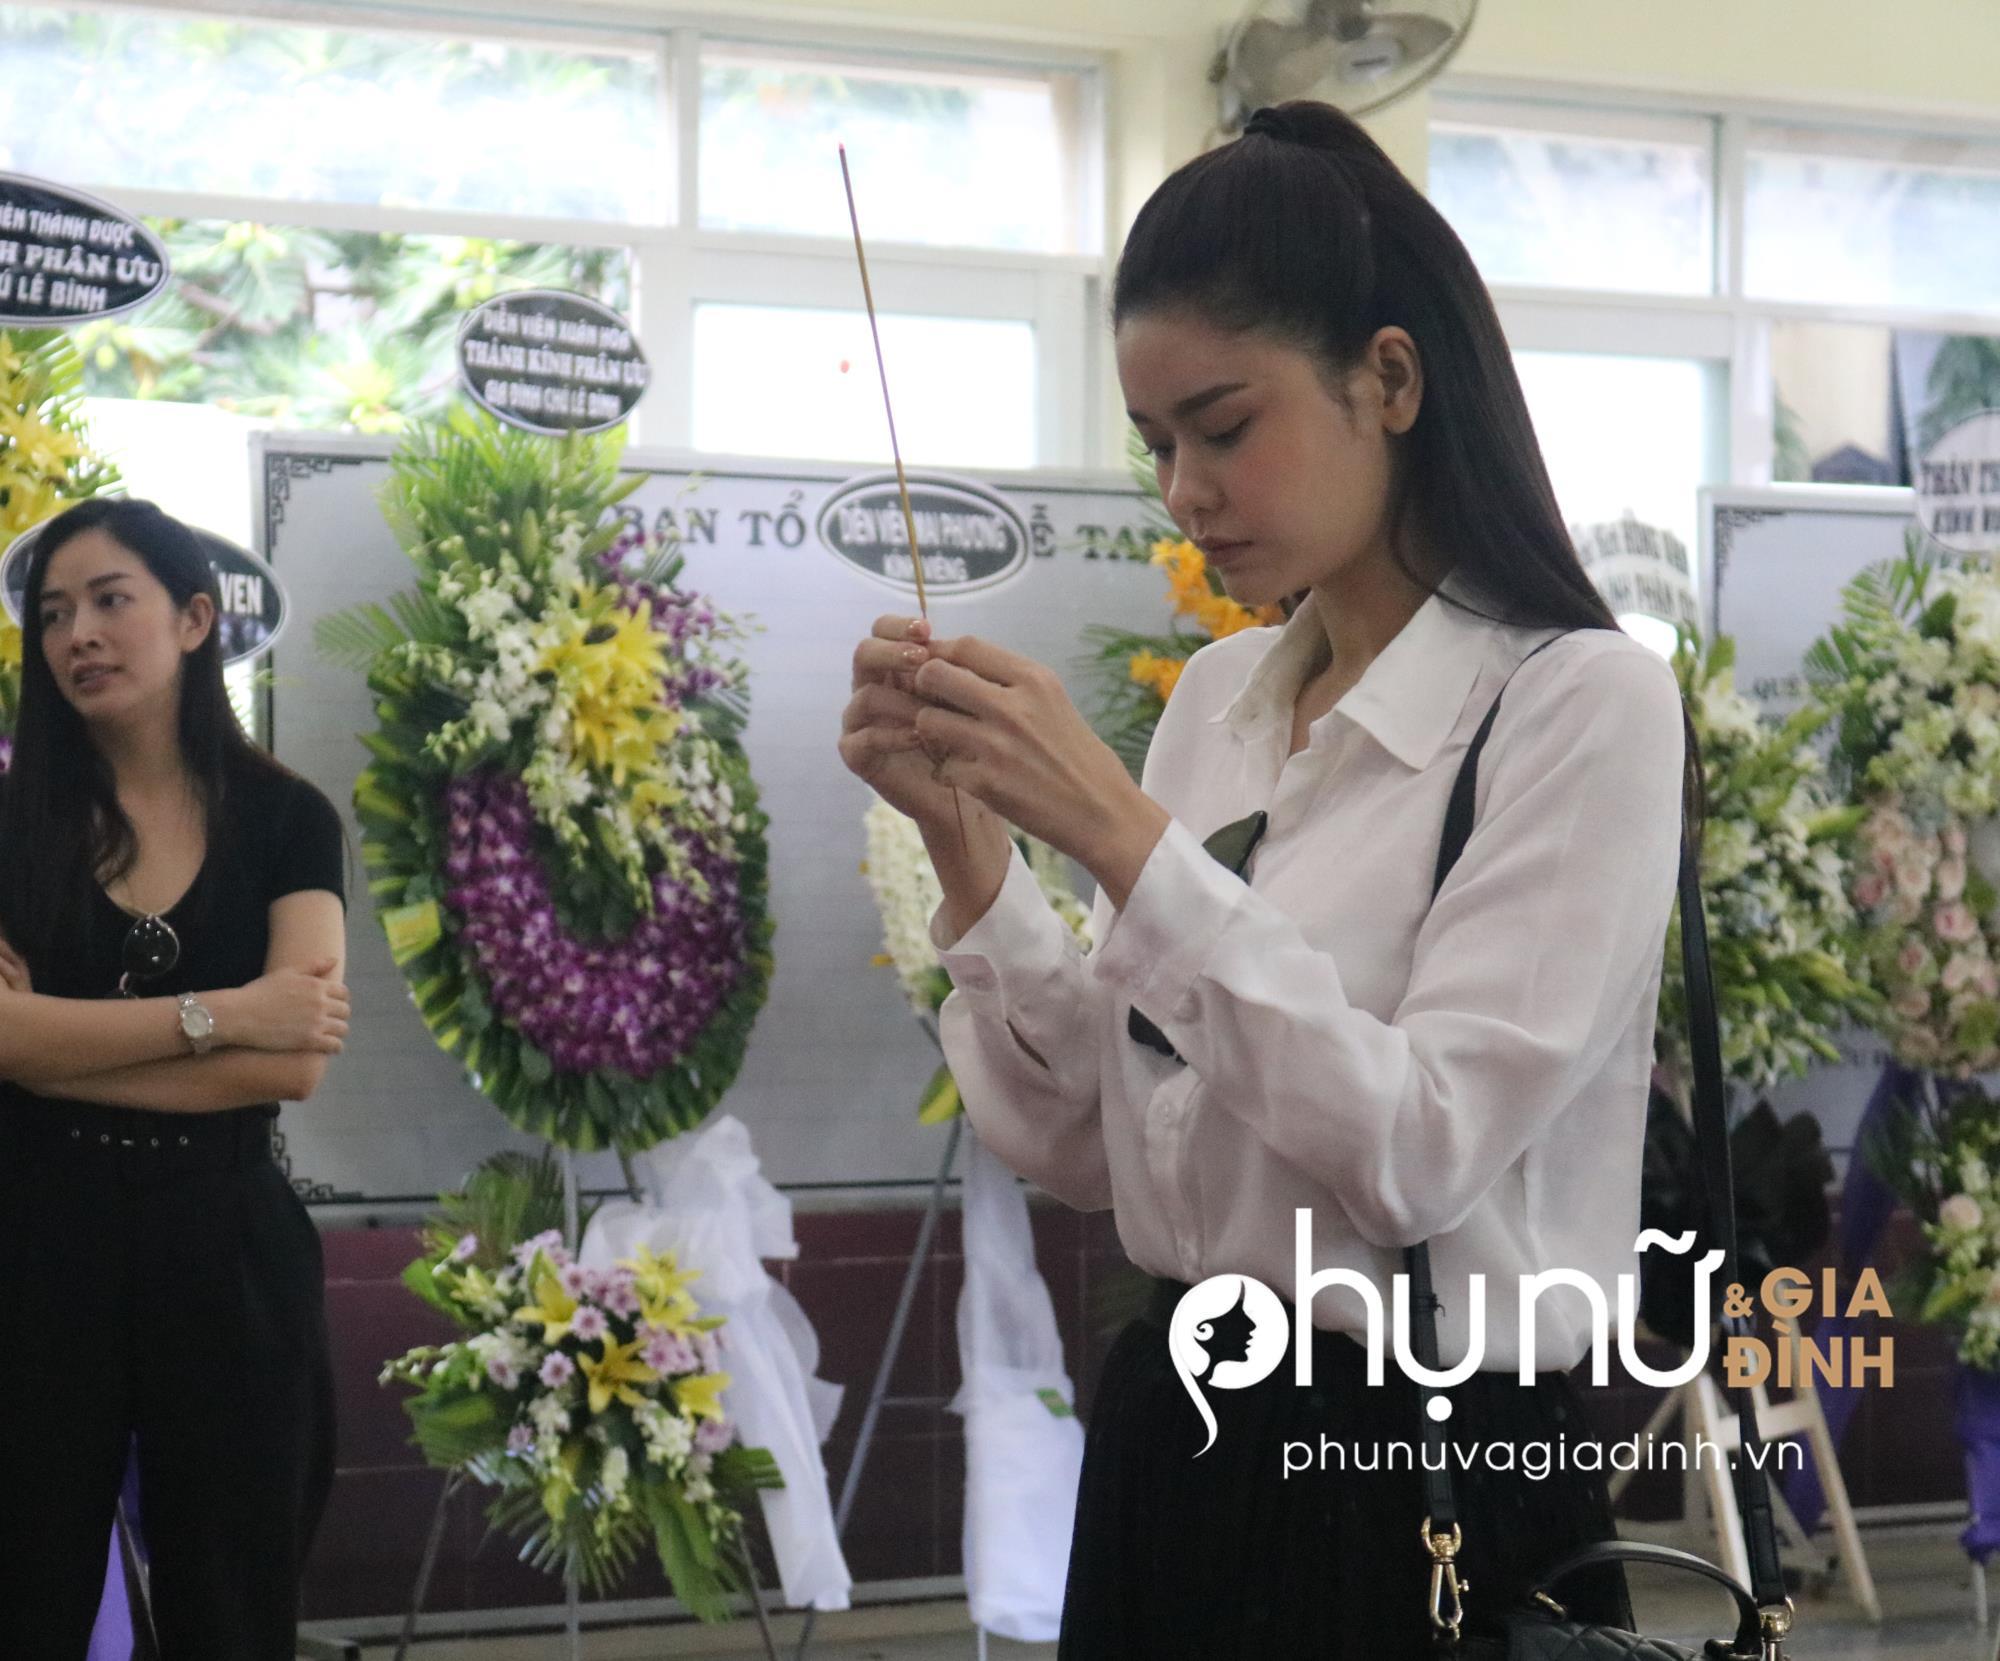 Viếng 'tía' Lê Bình, Dương Cẩm Lynh nấc nghẹn khi nhìn mặt ông lần cuối - Ảnh 5